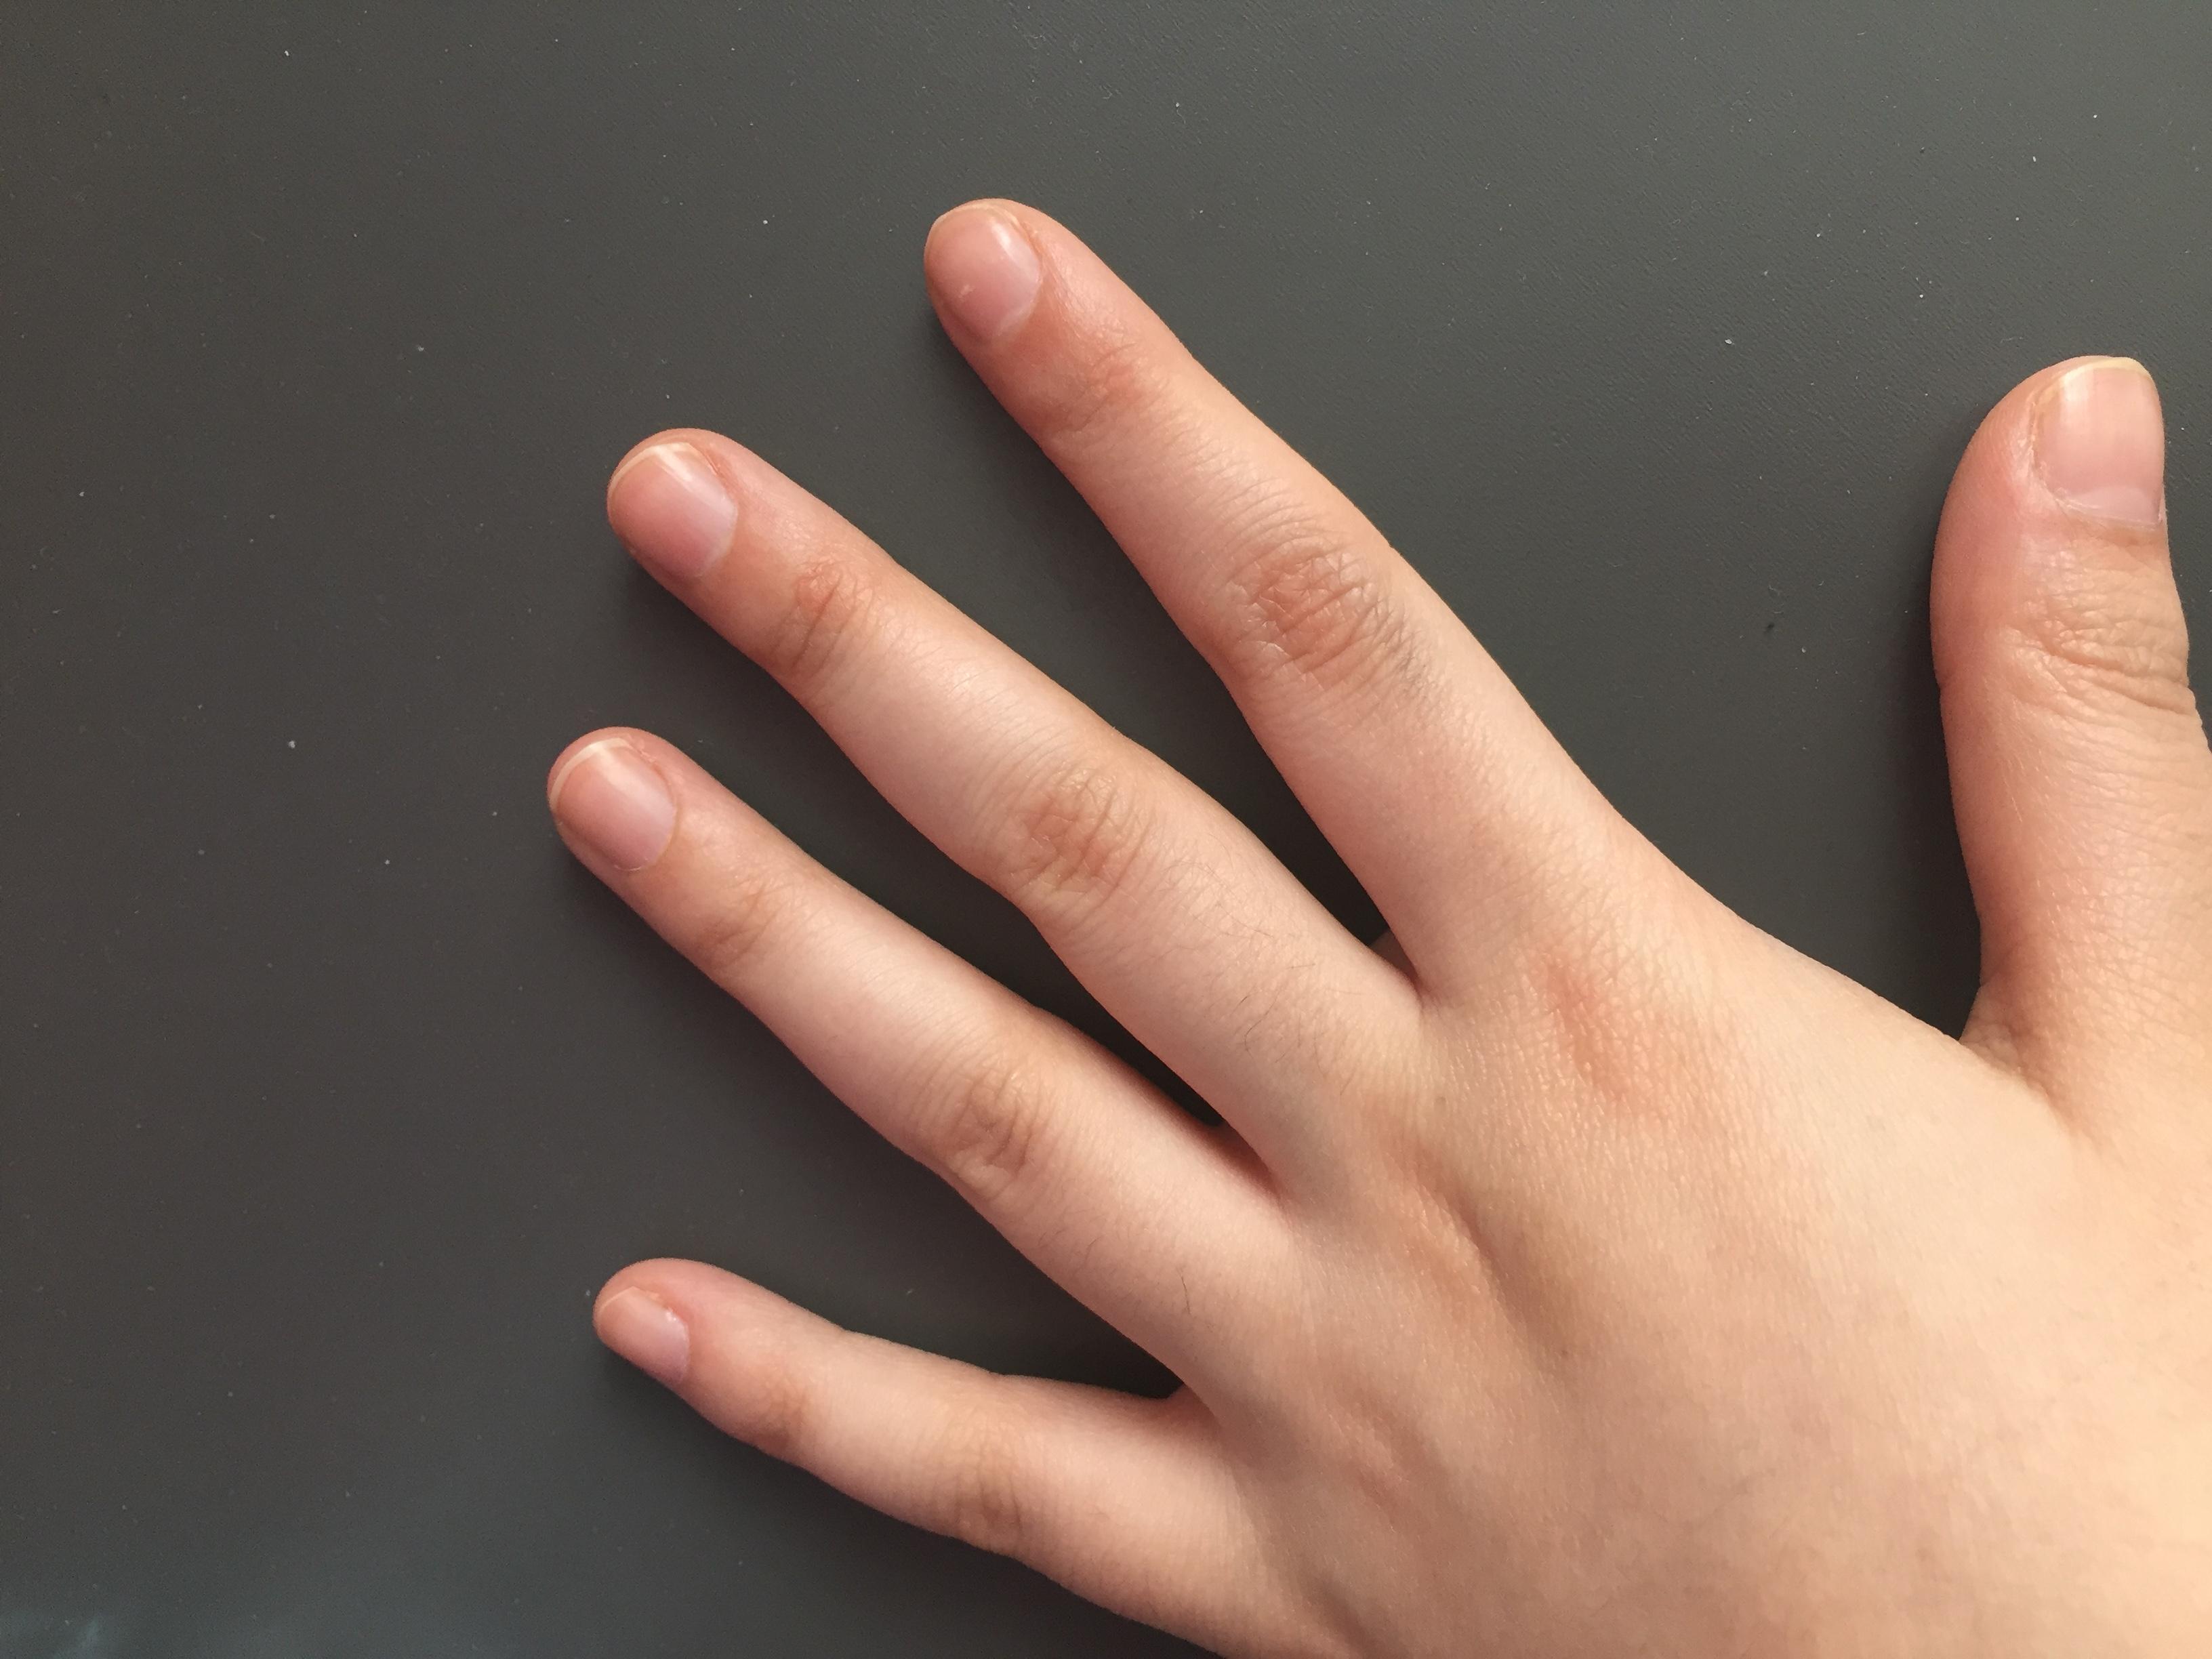 sind meine fingern gel normal bild gesundheit. Black Bedroom Furniture Sets. Home Design Ideas